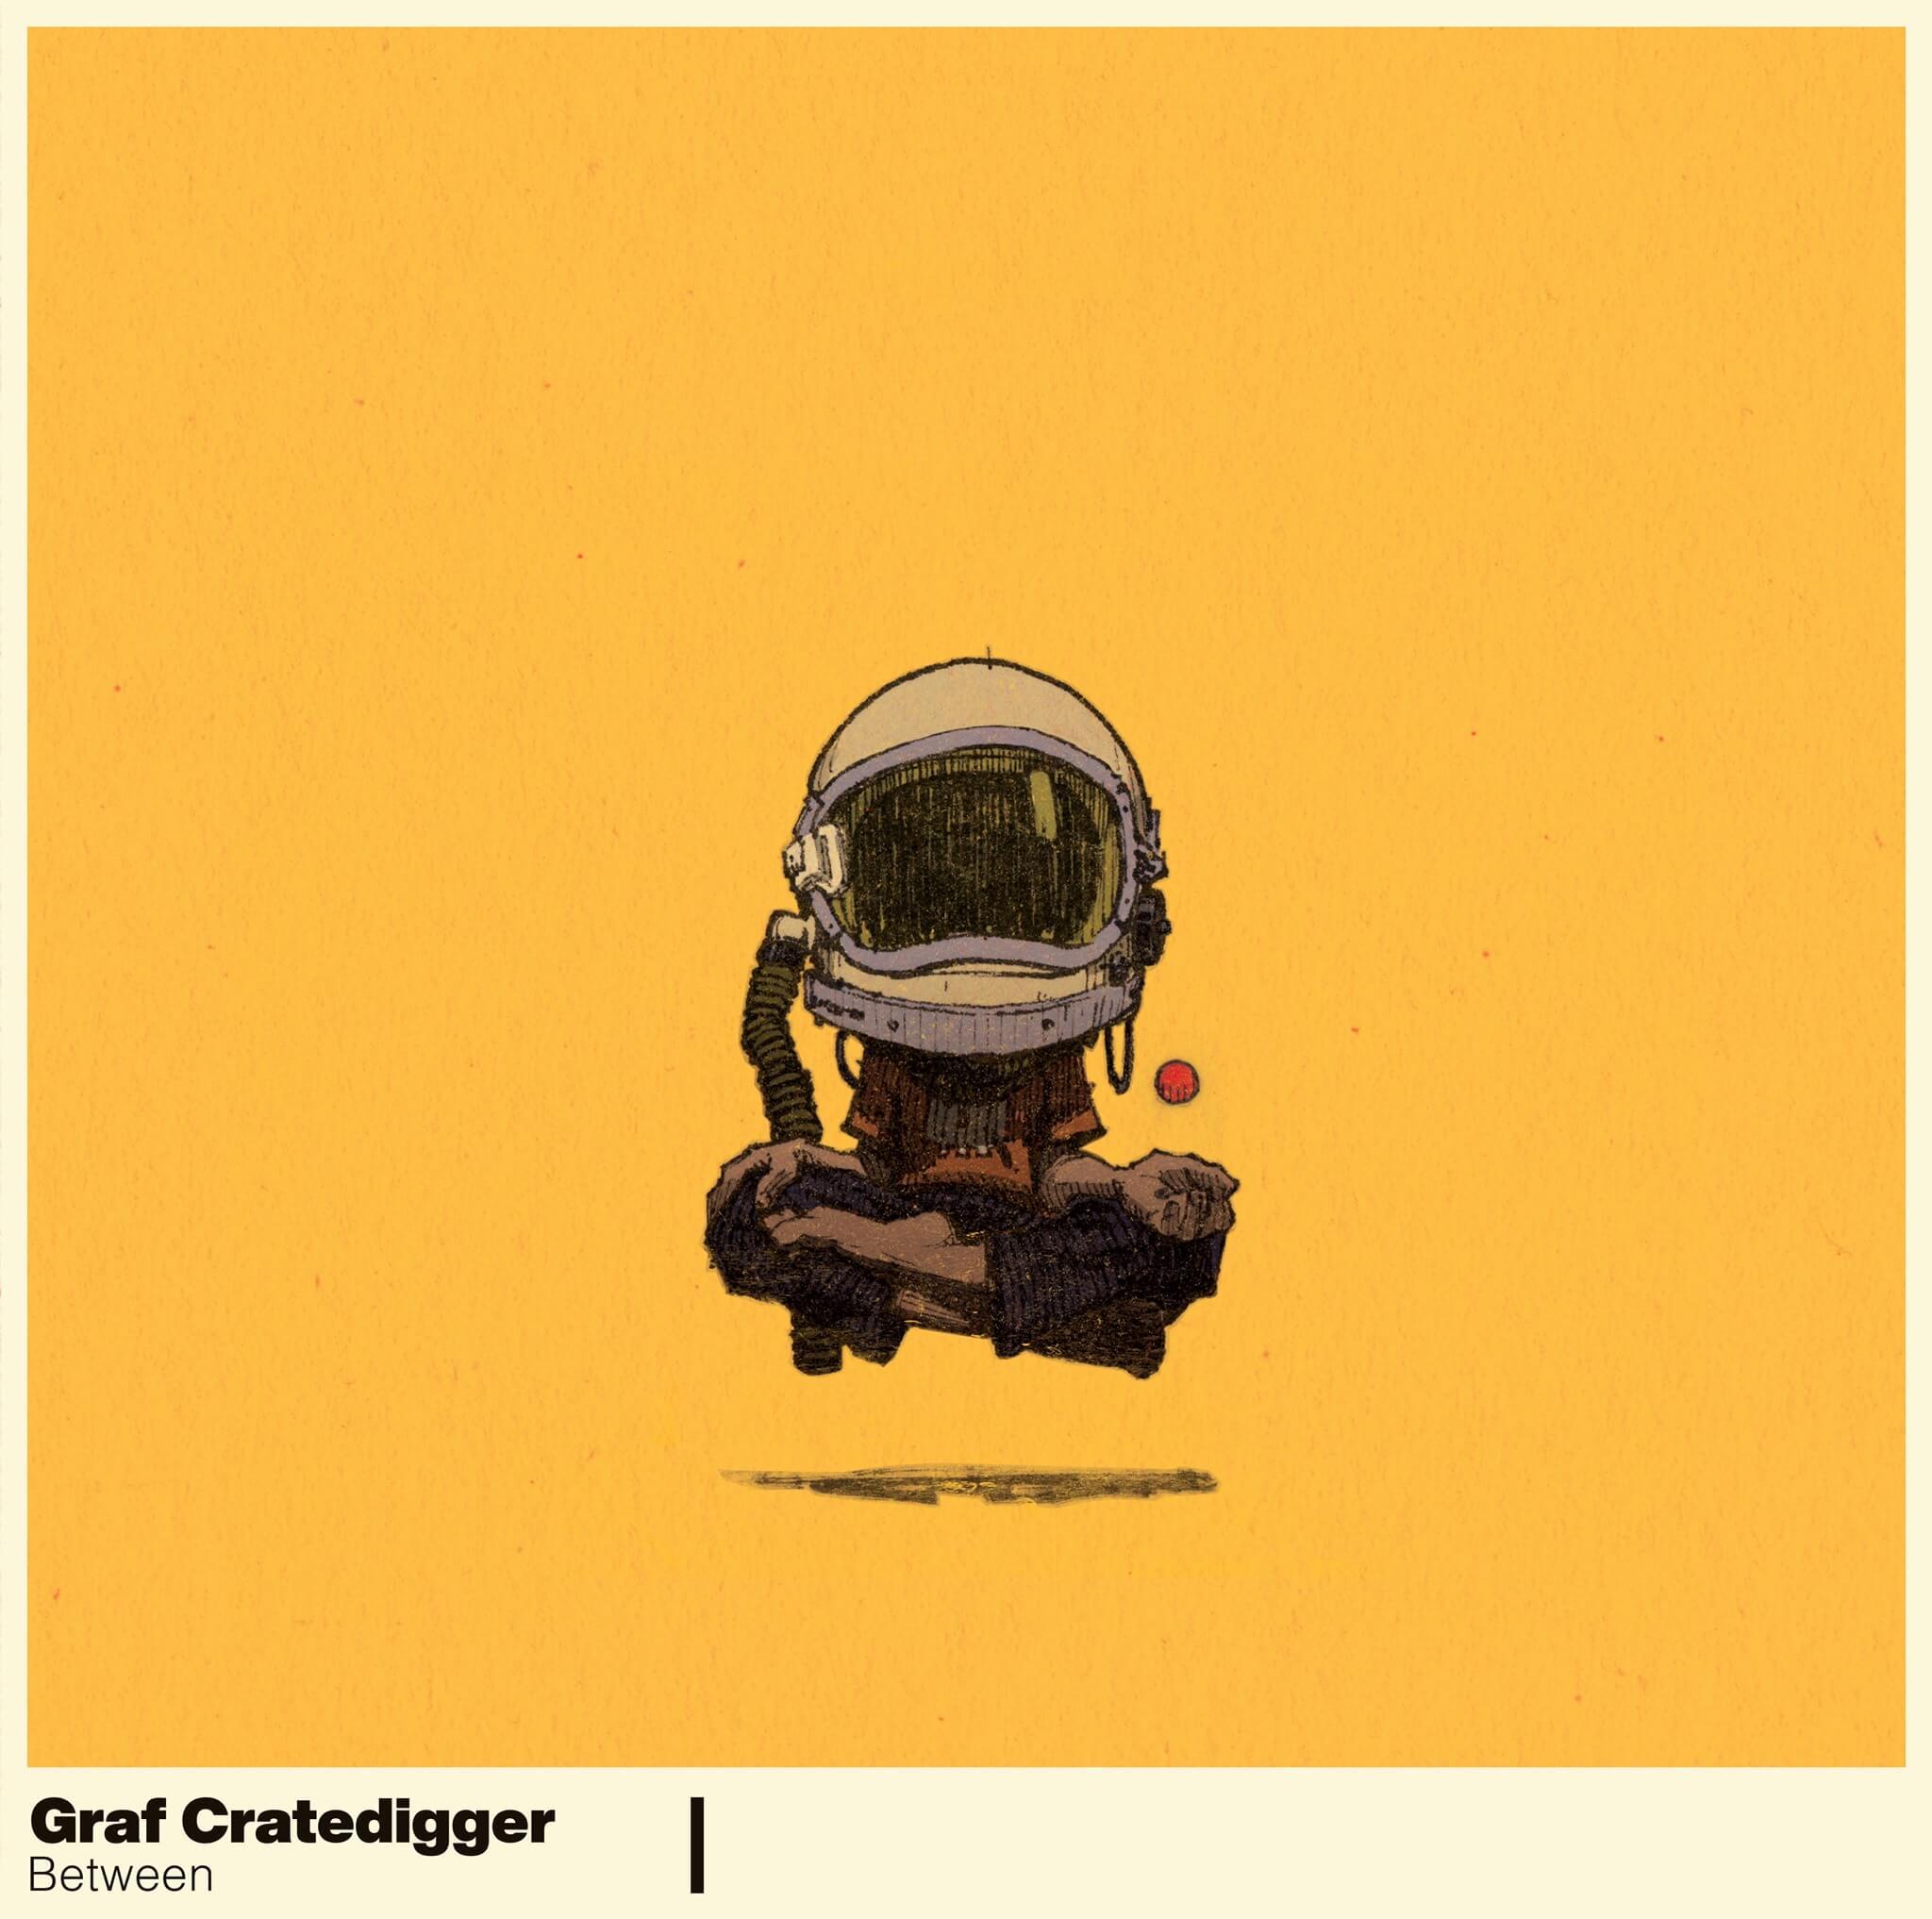 Graf Cratedigger